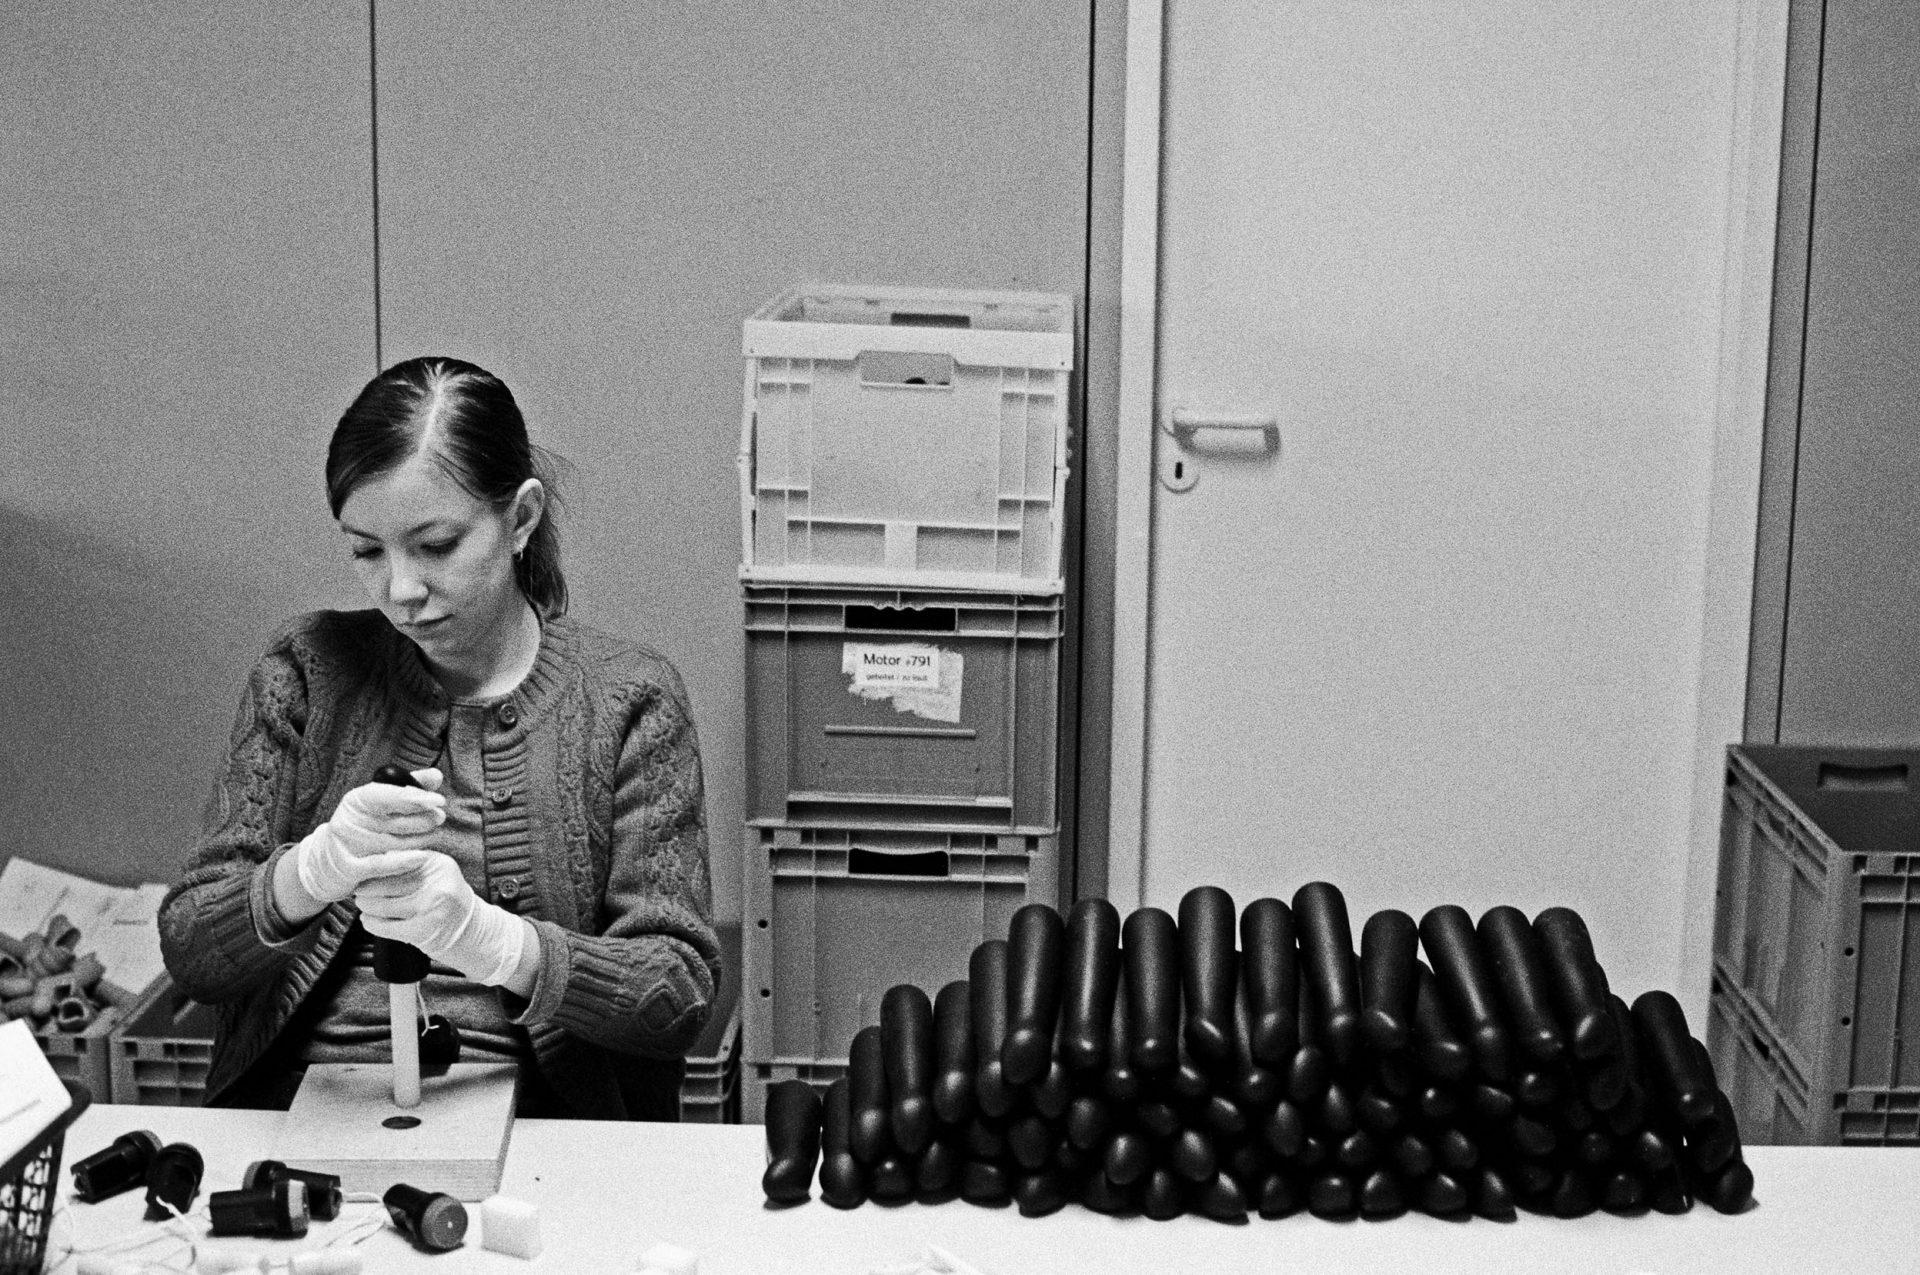 fun factory herstellung von dildos foto julia baier 19.12.2001 (Life and Other Stories)